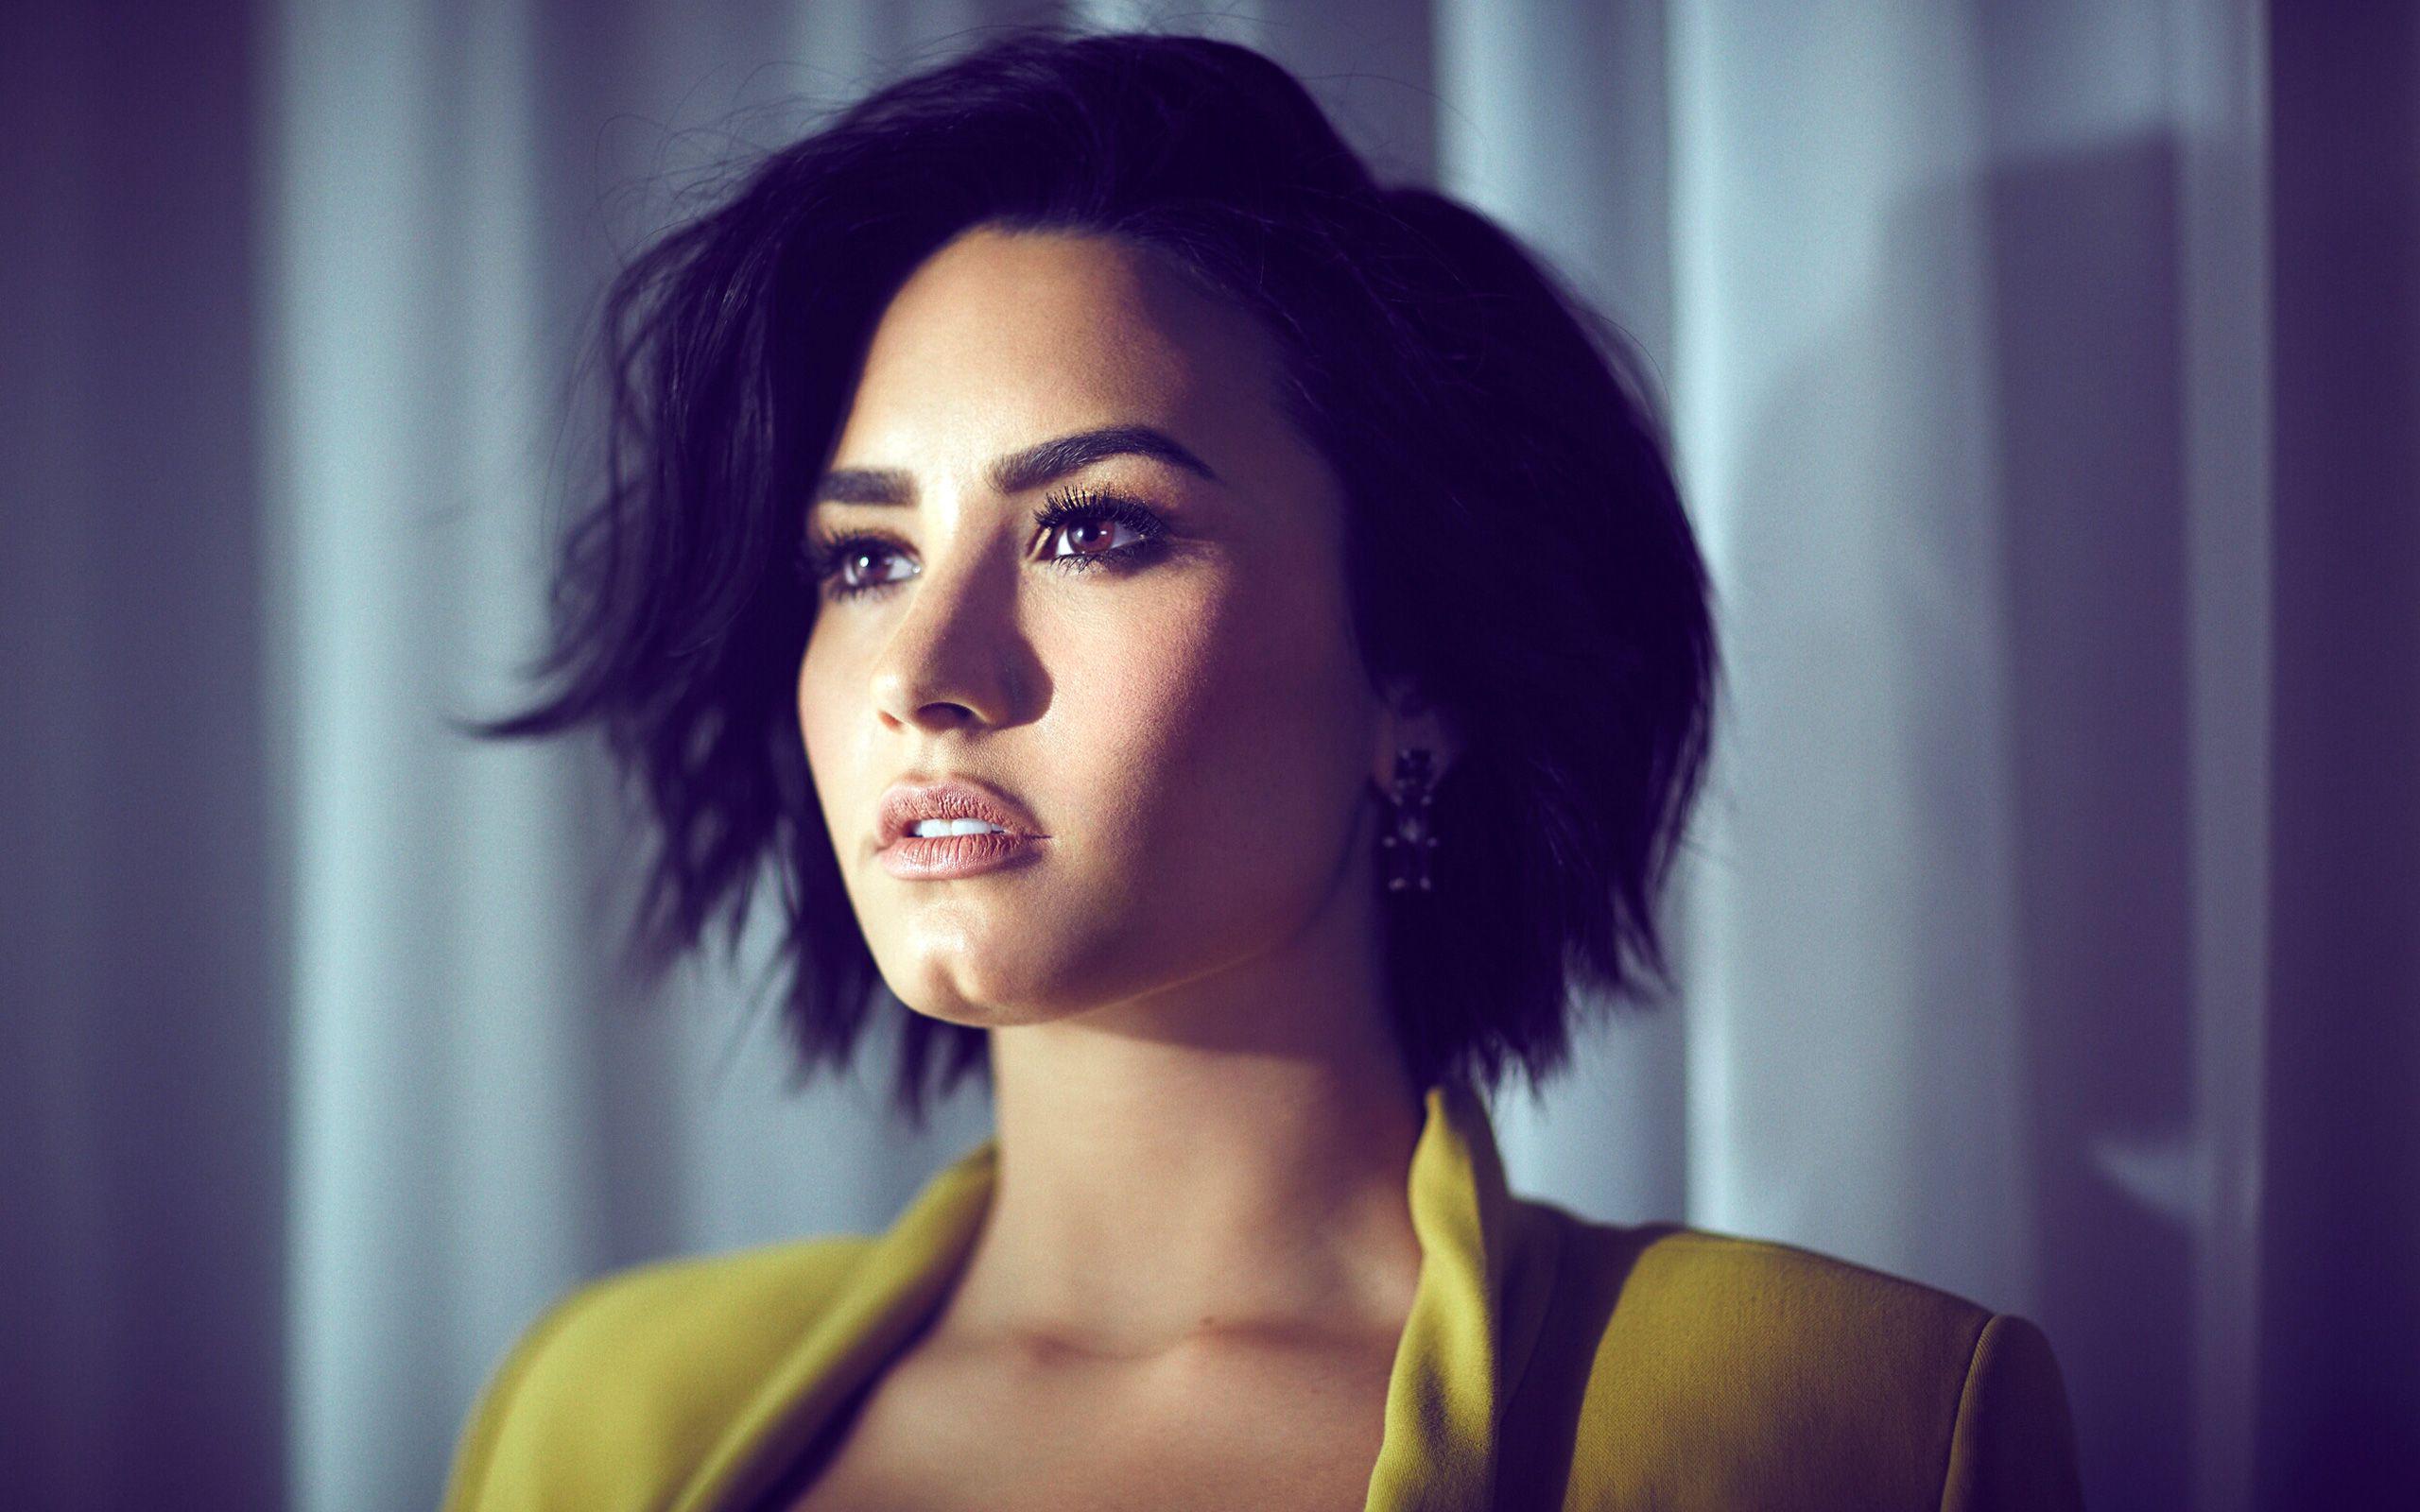 Demi Lovato Wallpapers Page Hd Wallpapers Demi Lovato Cabelo Curto Camp Rock